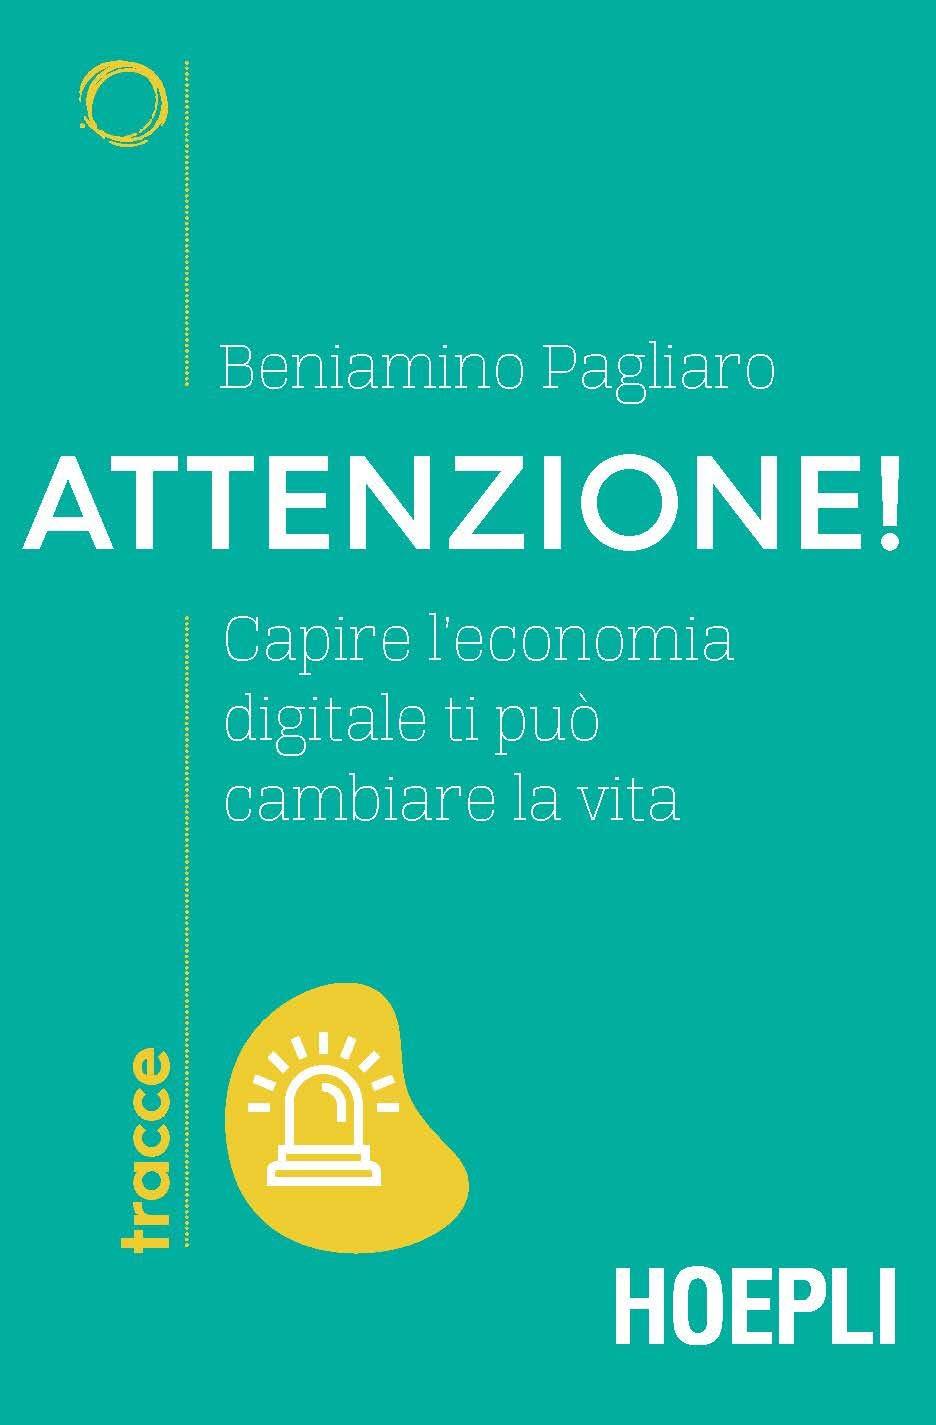 Attenzione! Capire l'economia digitale ti può cambiare la vita – Beniamino Pagliaro